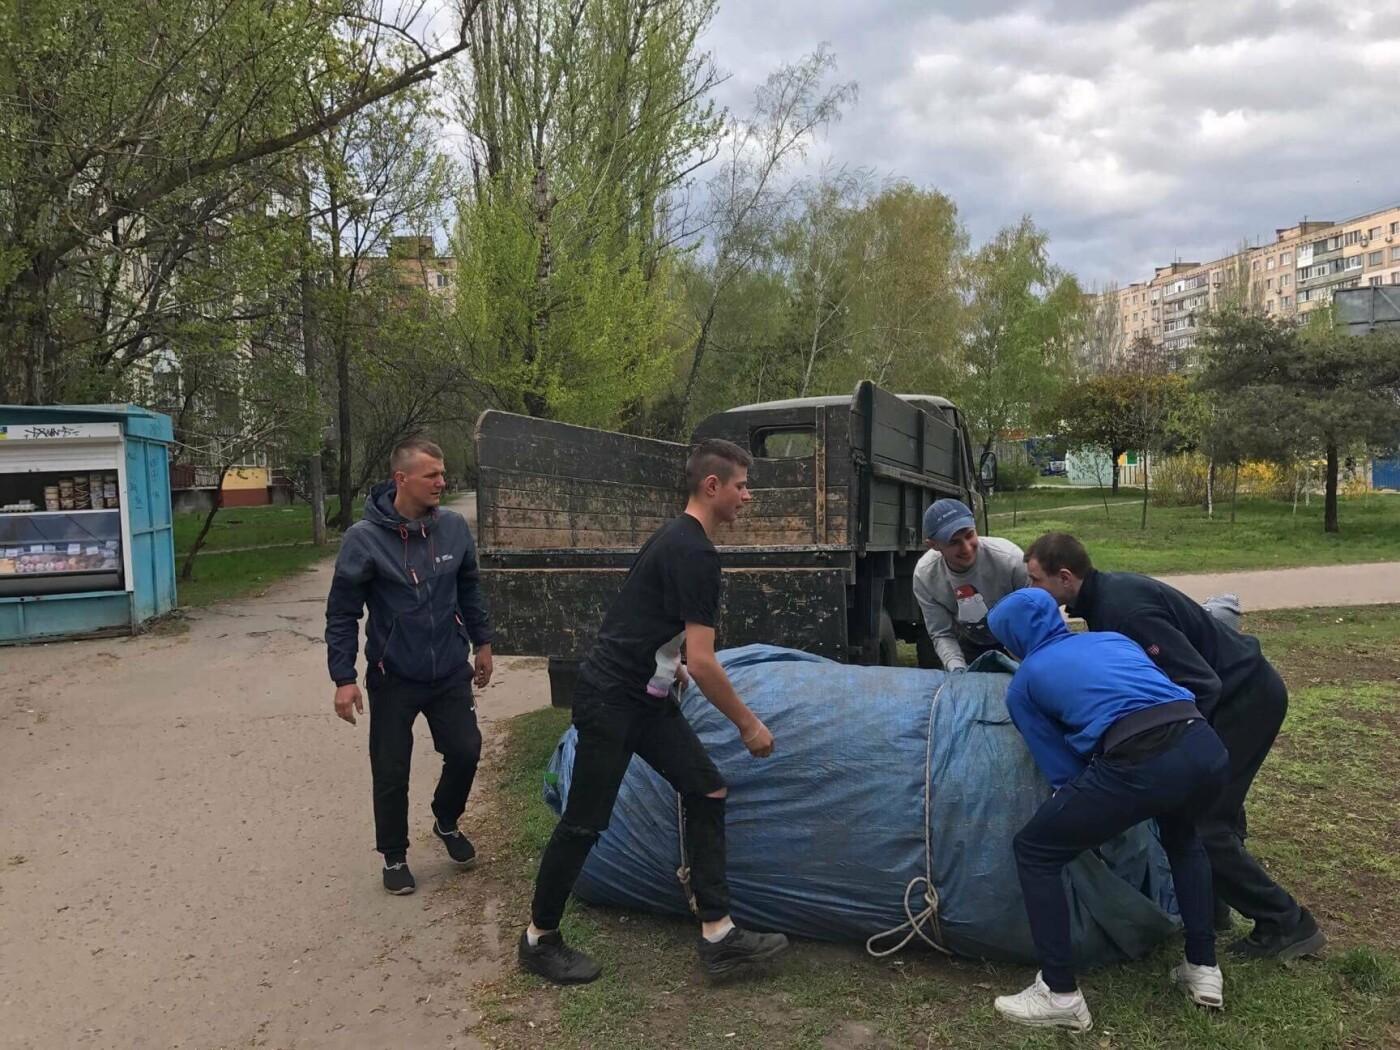 В Николаеве демонтировали и изъяли незаконный надувной батут, - ФОТО, фото-3